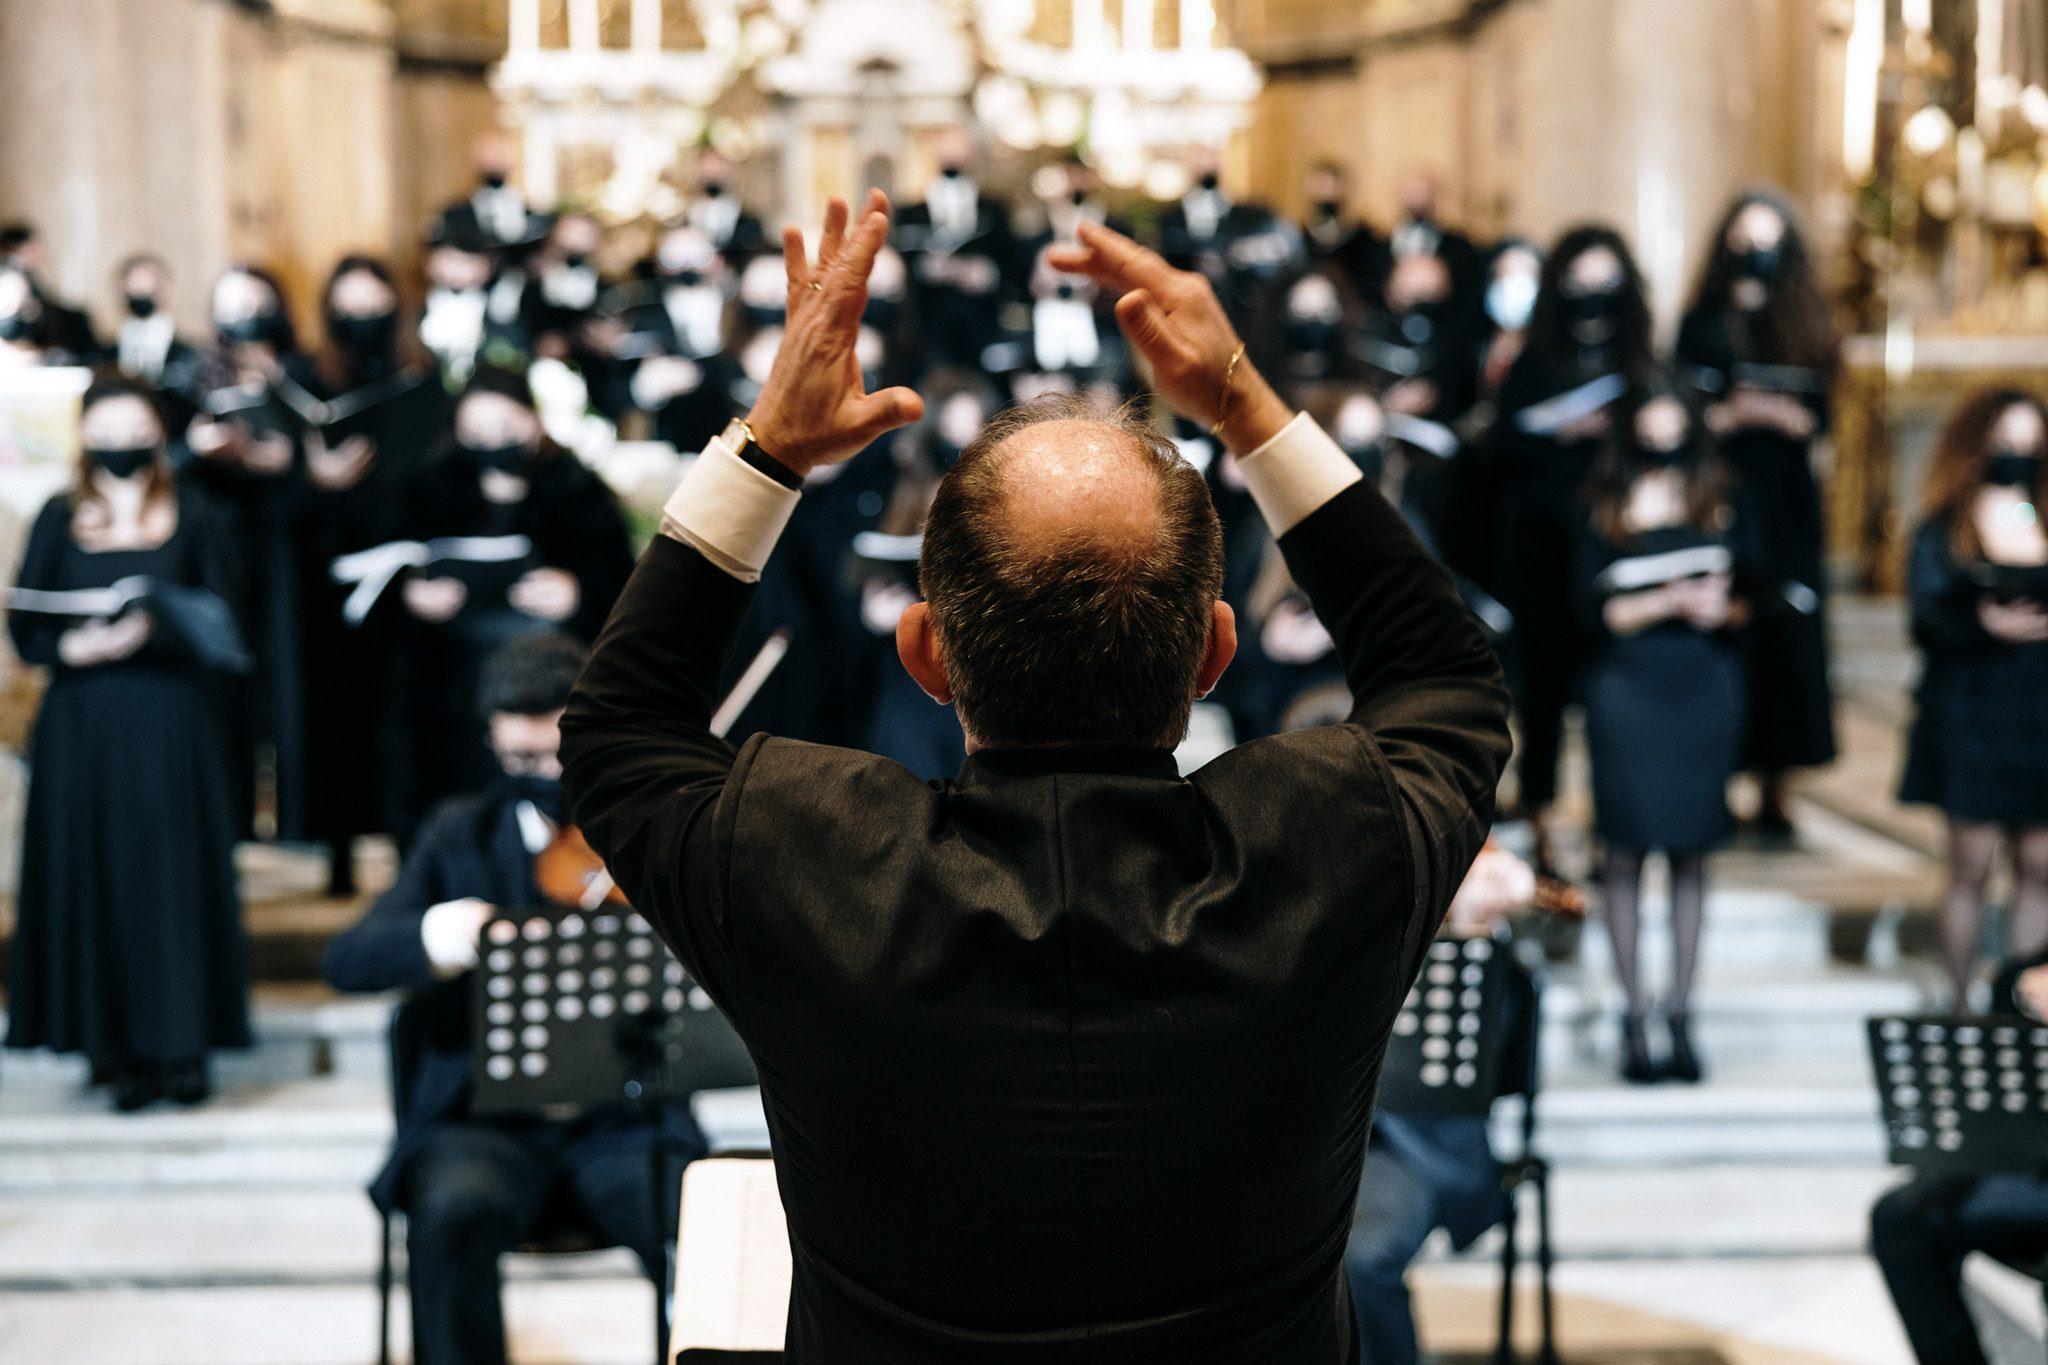 Le foto del Concerto Corelli